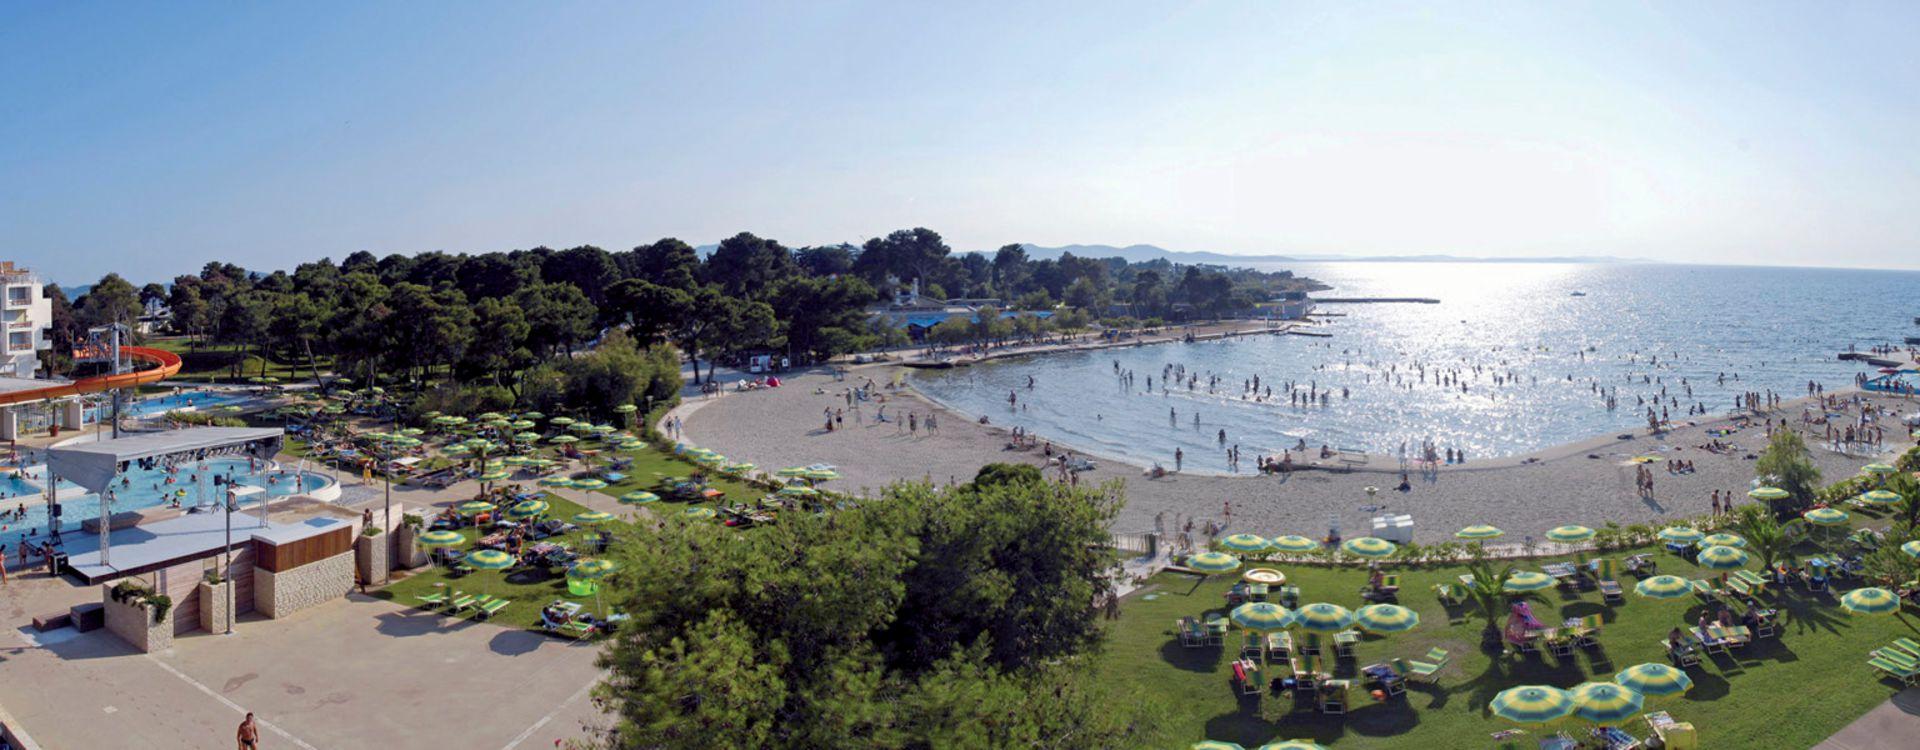 Hotel Funimation Borik, Zadar, Horvátország - OTP Travel utazási iroda